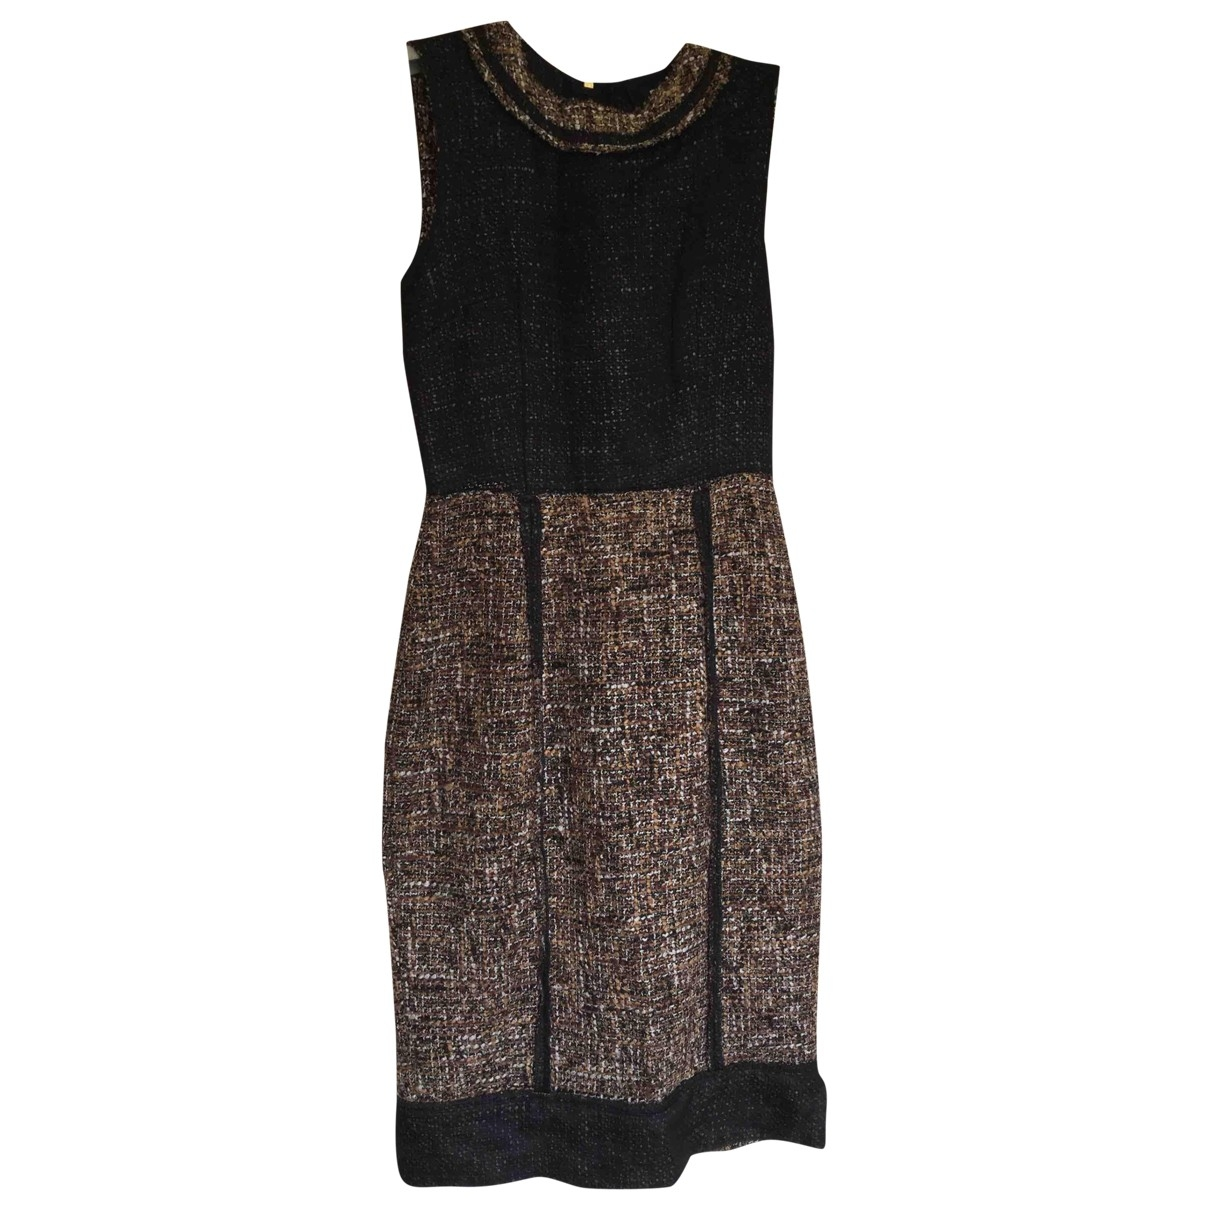 D&g \N Camel Tweed dress for Women 40 IT